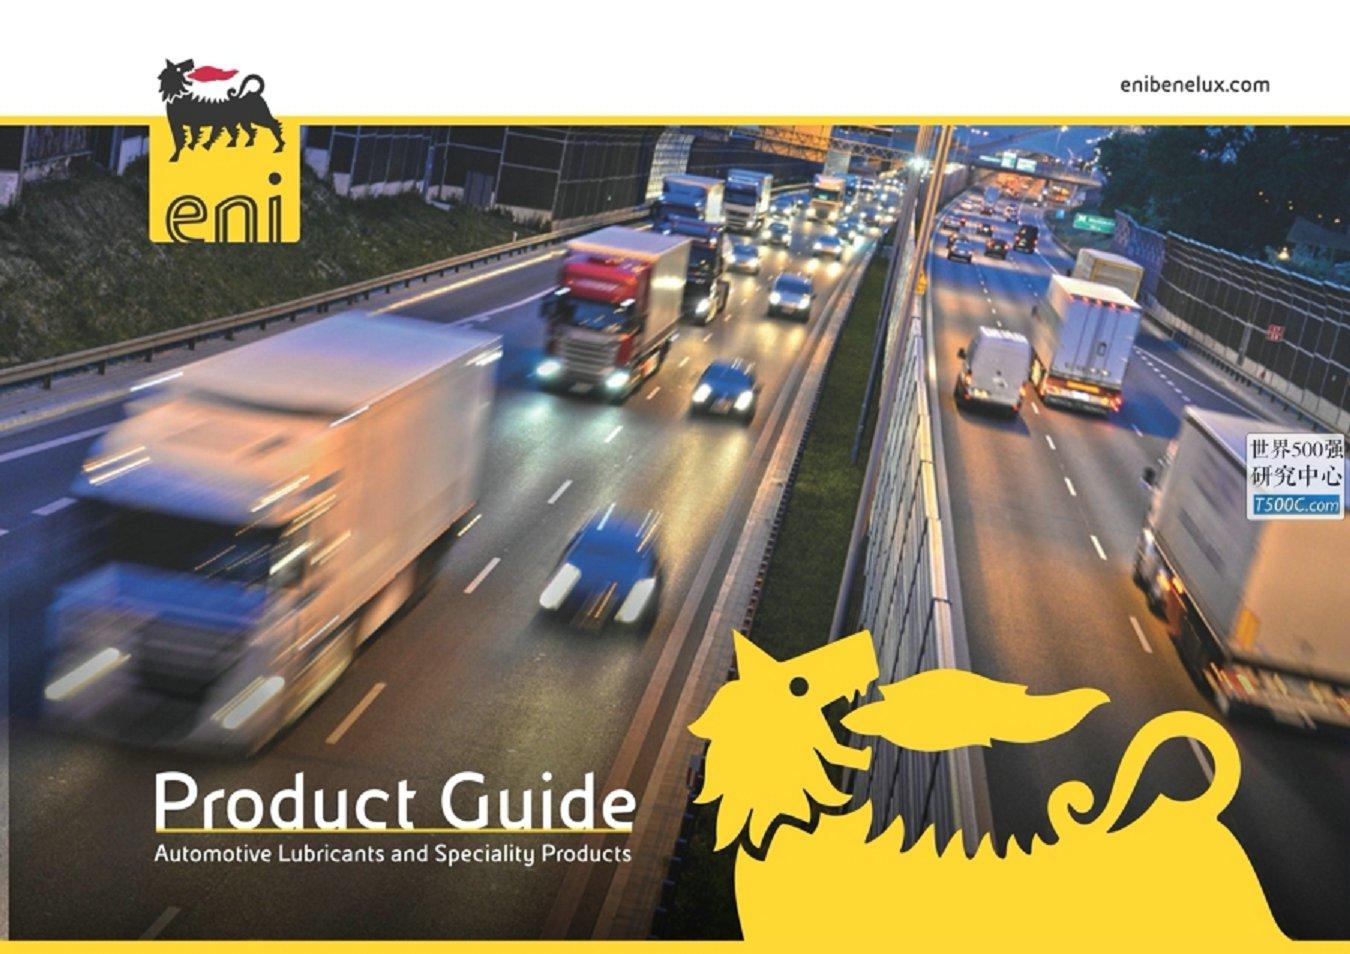 埃尼石油Eni_产品宣传册Brochure_T500C.com_product guide.pdf